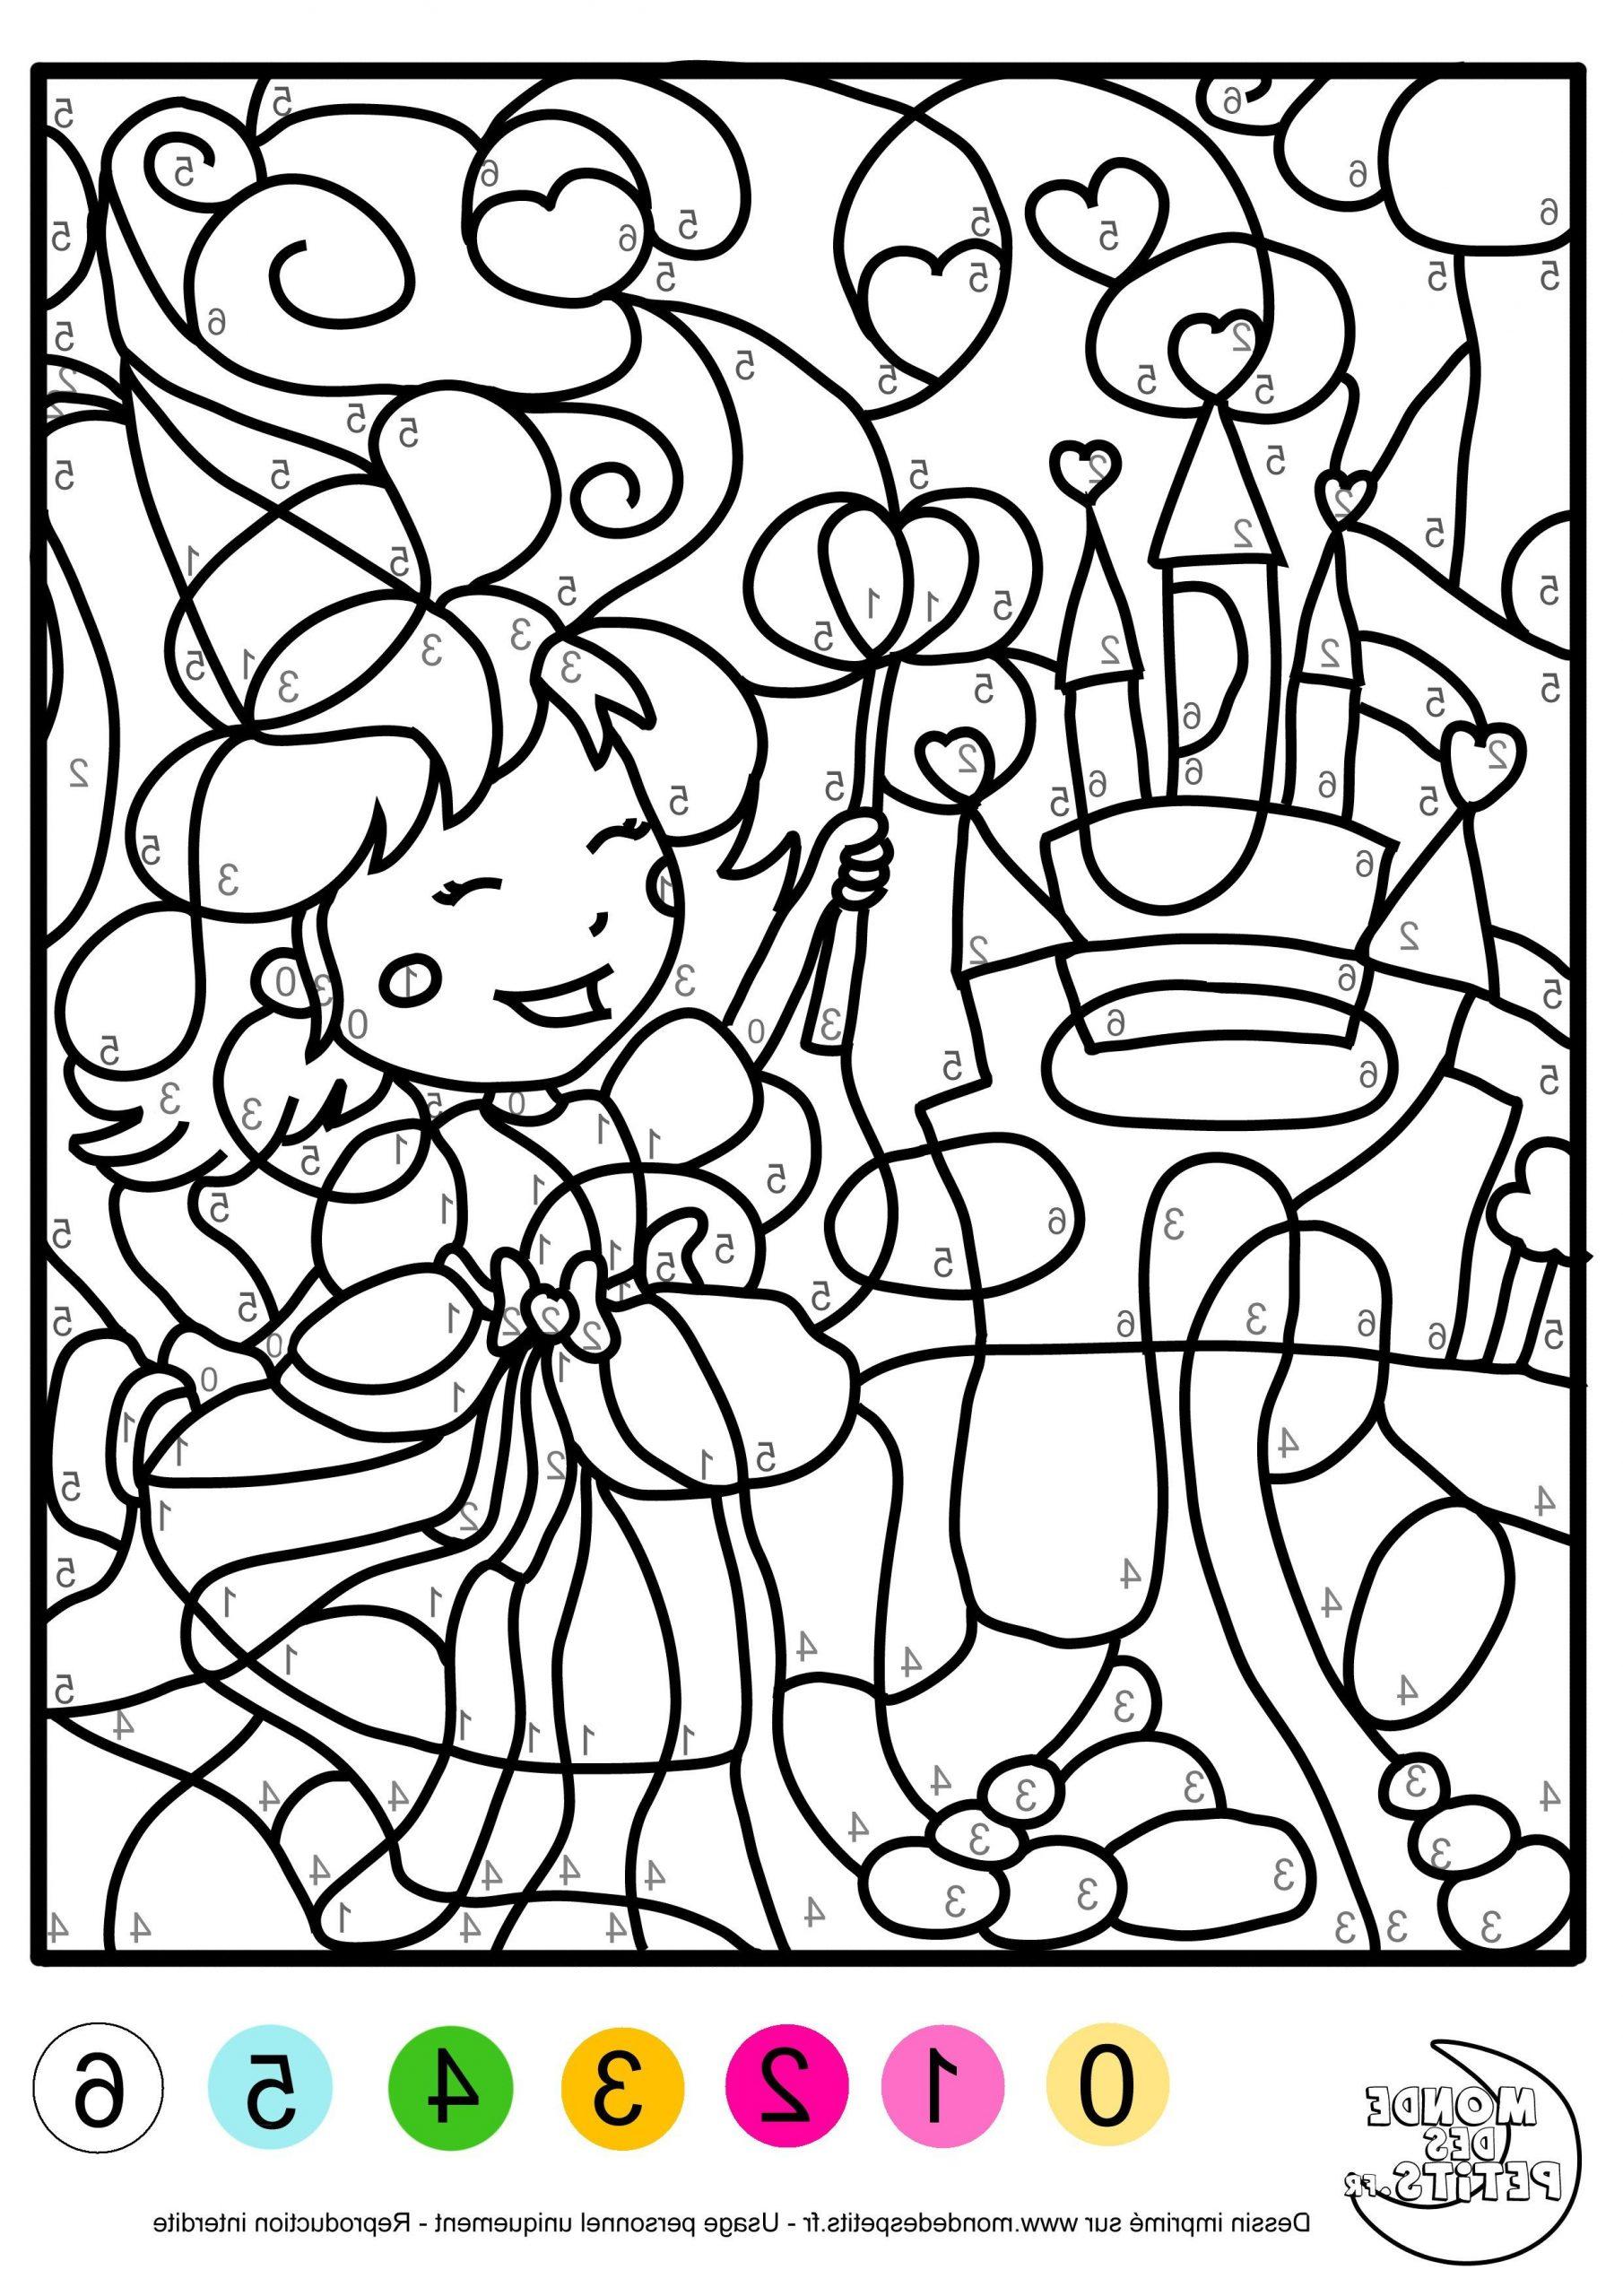 Coloriage Enfant 5 Ans . 14 Créatif Coloriage Enfant 5 Ans destiné Puzzle Gratuit 3 Ans